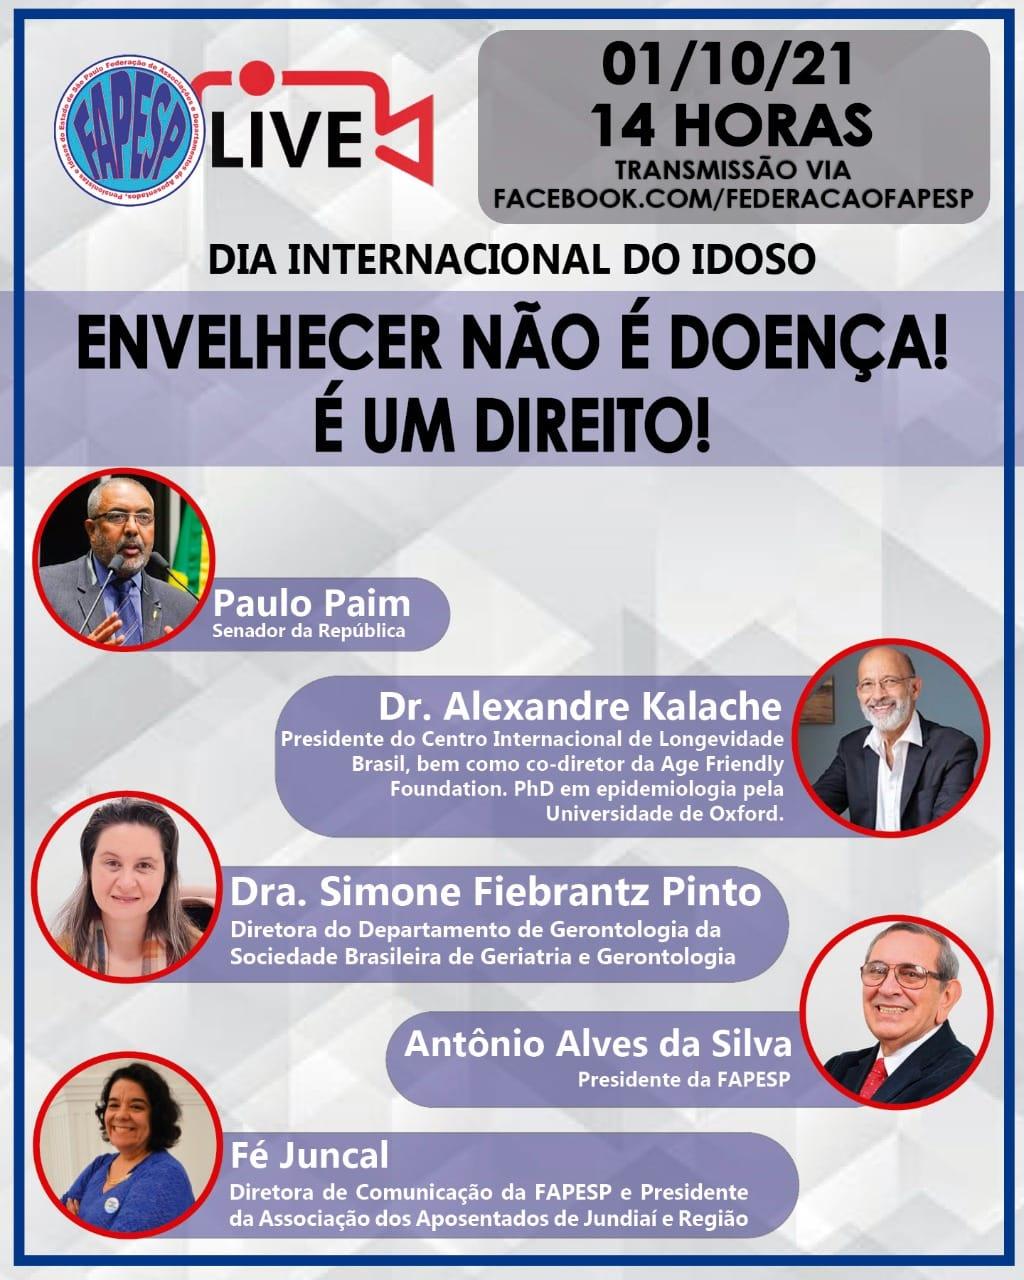 LIVE FAPESP: ENVELHECER NÃO É DOENÇA!  É UM DIREITO!